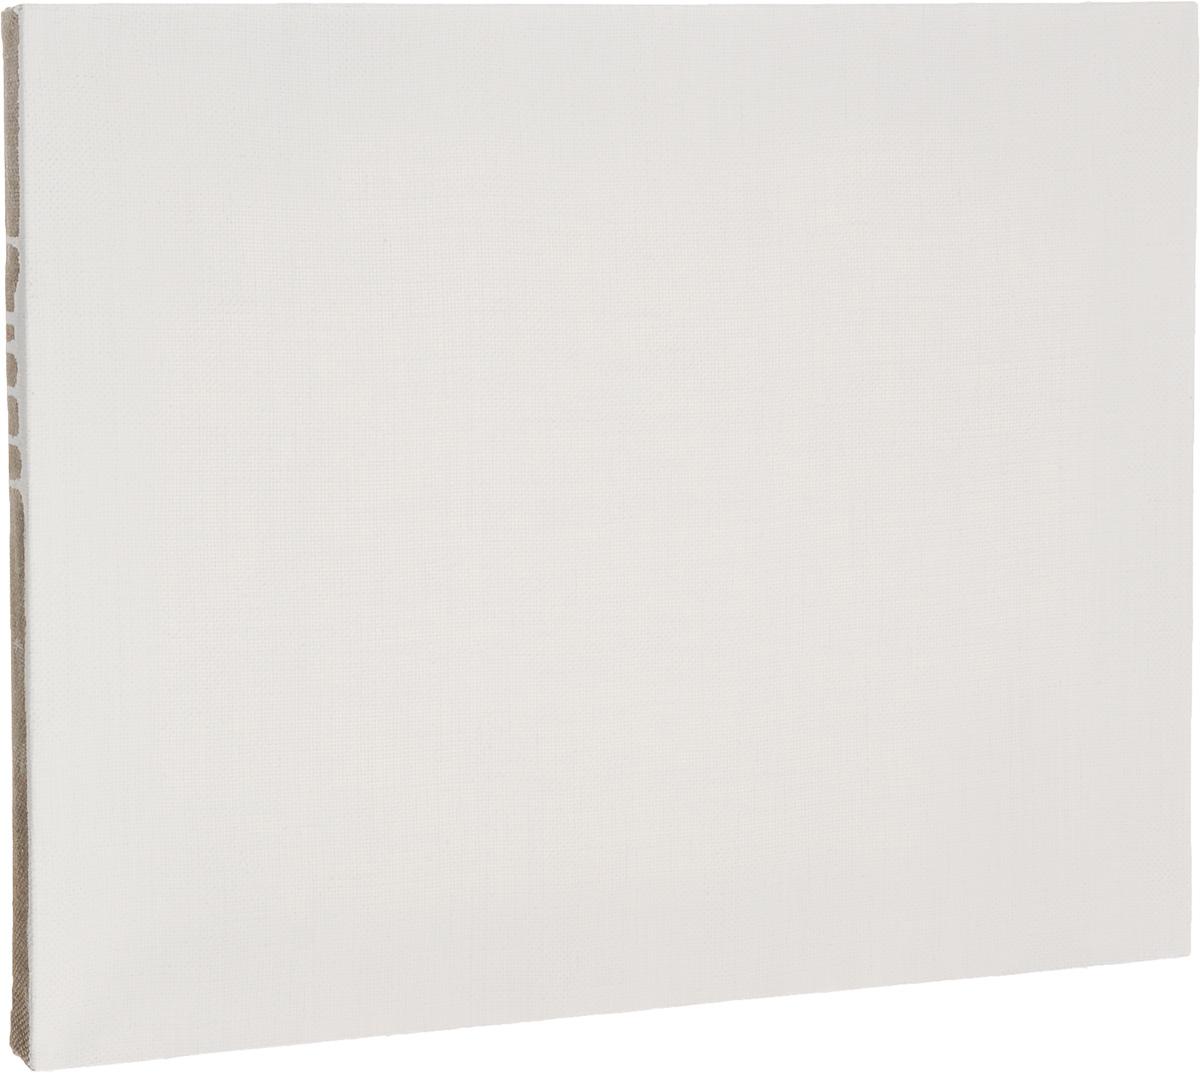 Холст ArtQuaDram Живописный на подрамнике, грунтованный, 35 х 45 смТ0003742Холст на деревянном подрамнике ArtQuaDram Живописный изготовлен из 100% натурального льна. Подходит для профессионалов и художников. Холст не трескается, не впитывает слишком много краски, цвет краски и качество не изменяются. Холст идеально подходит для масляной и акриловой живописи.